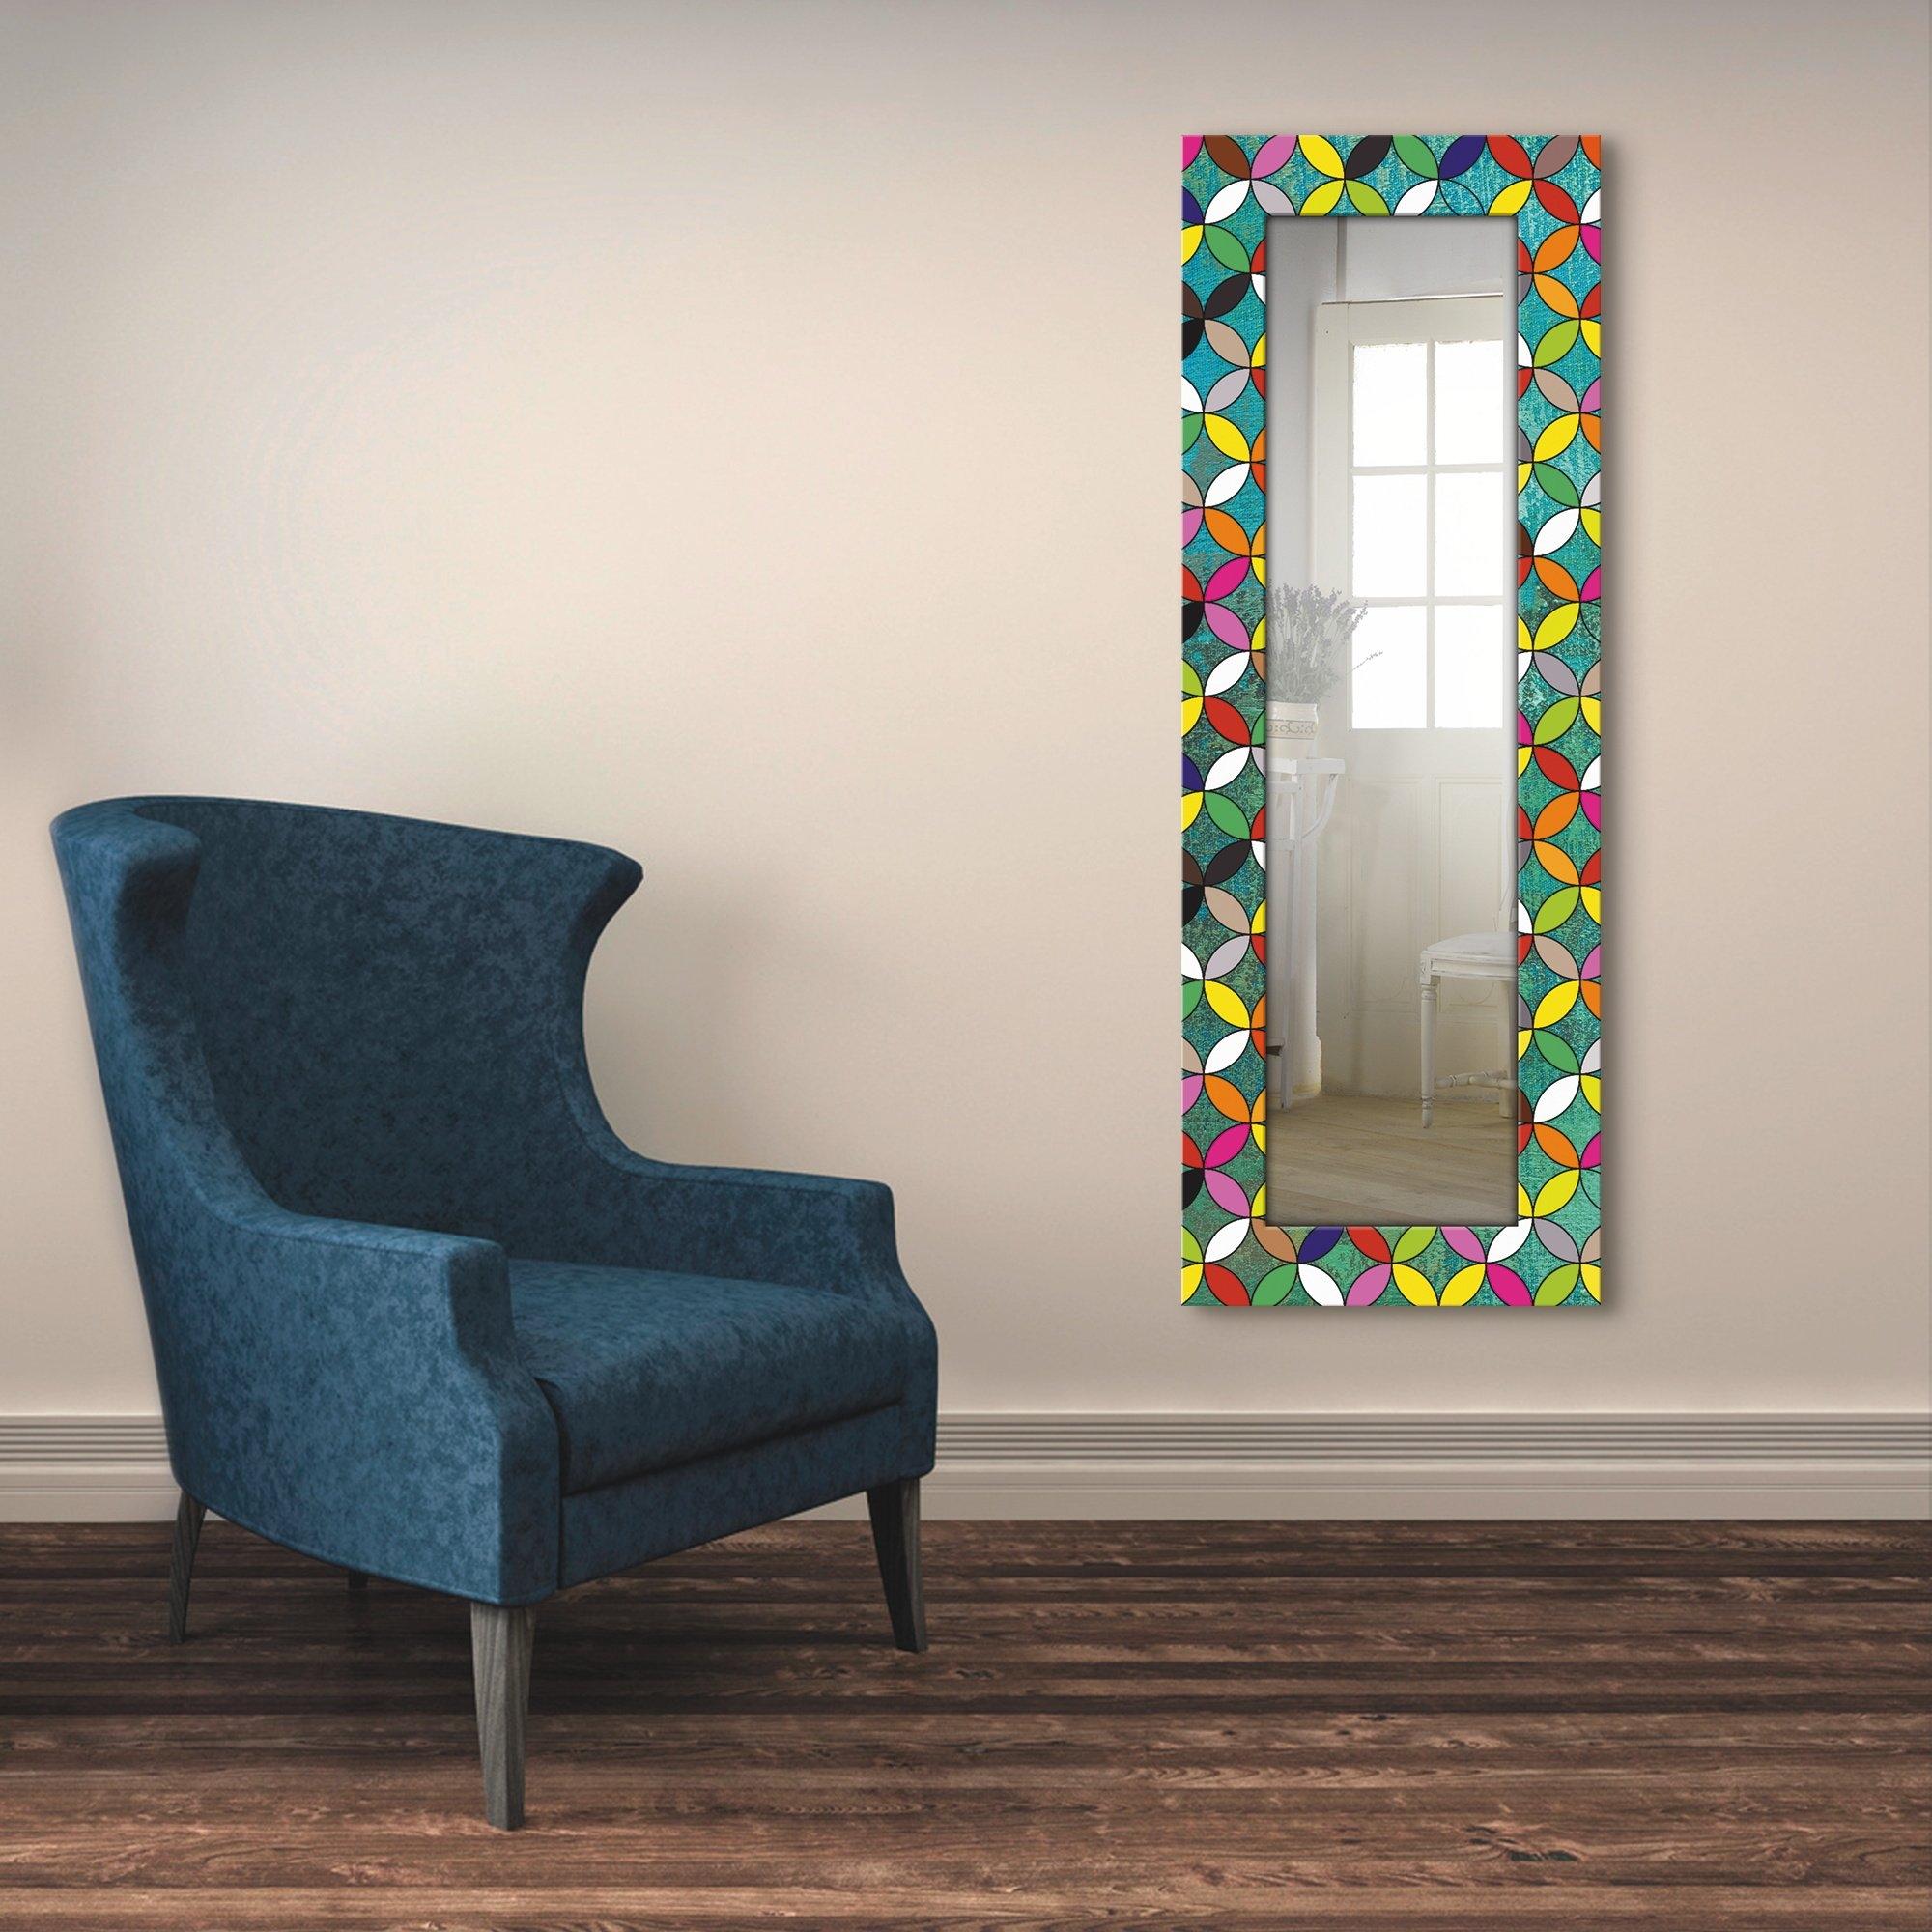 Artland wandspiegel Veelkleurige cirkels op groen ingelijste spiegel voor het hele lichaam met motiefrand, geschikt voor kleine, smalle hal, halspiegel, mirror spiegel omrand om op te hangen goedkoop op otto.nl kopen